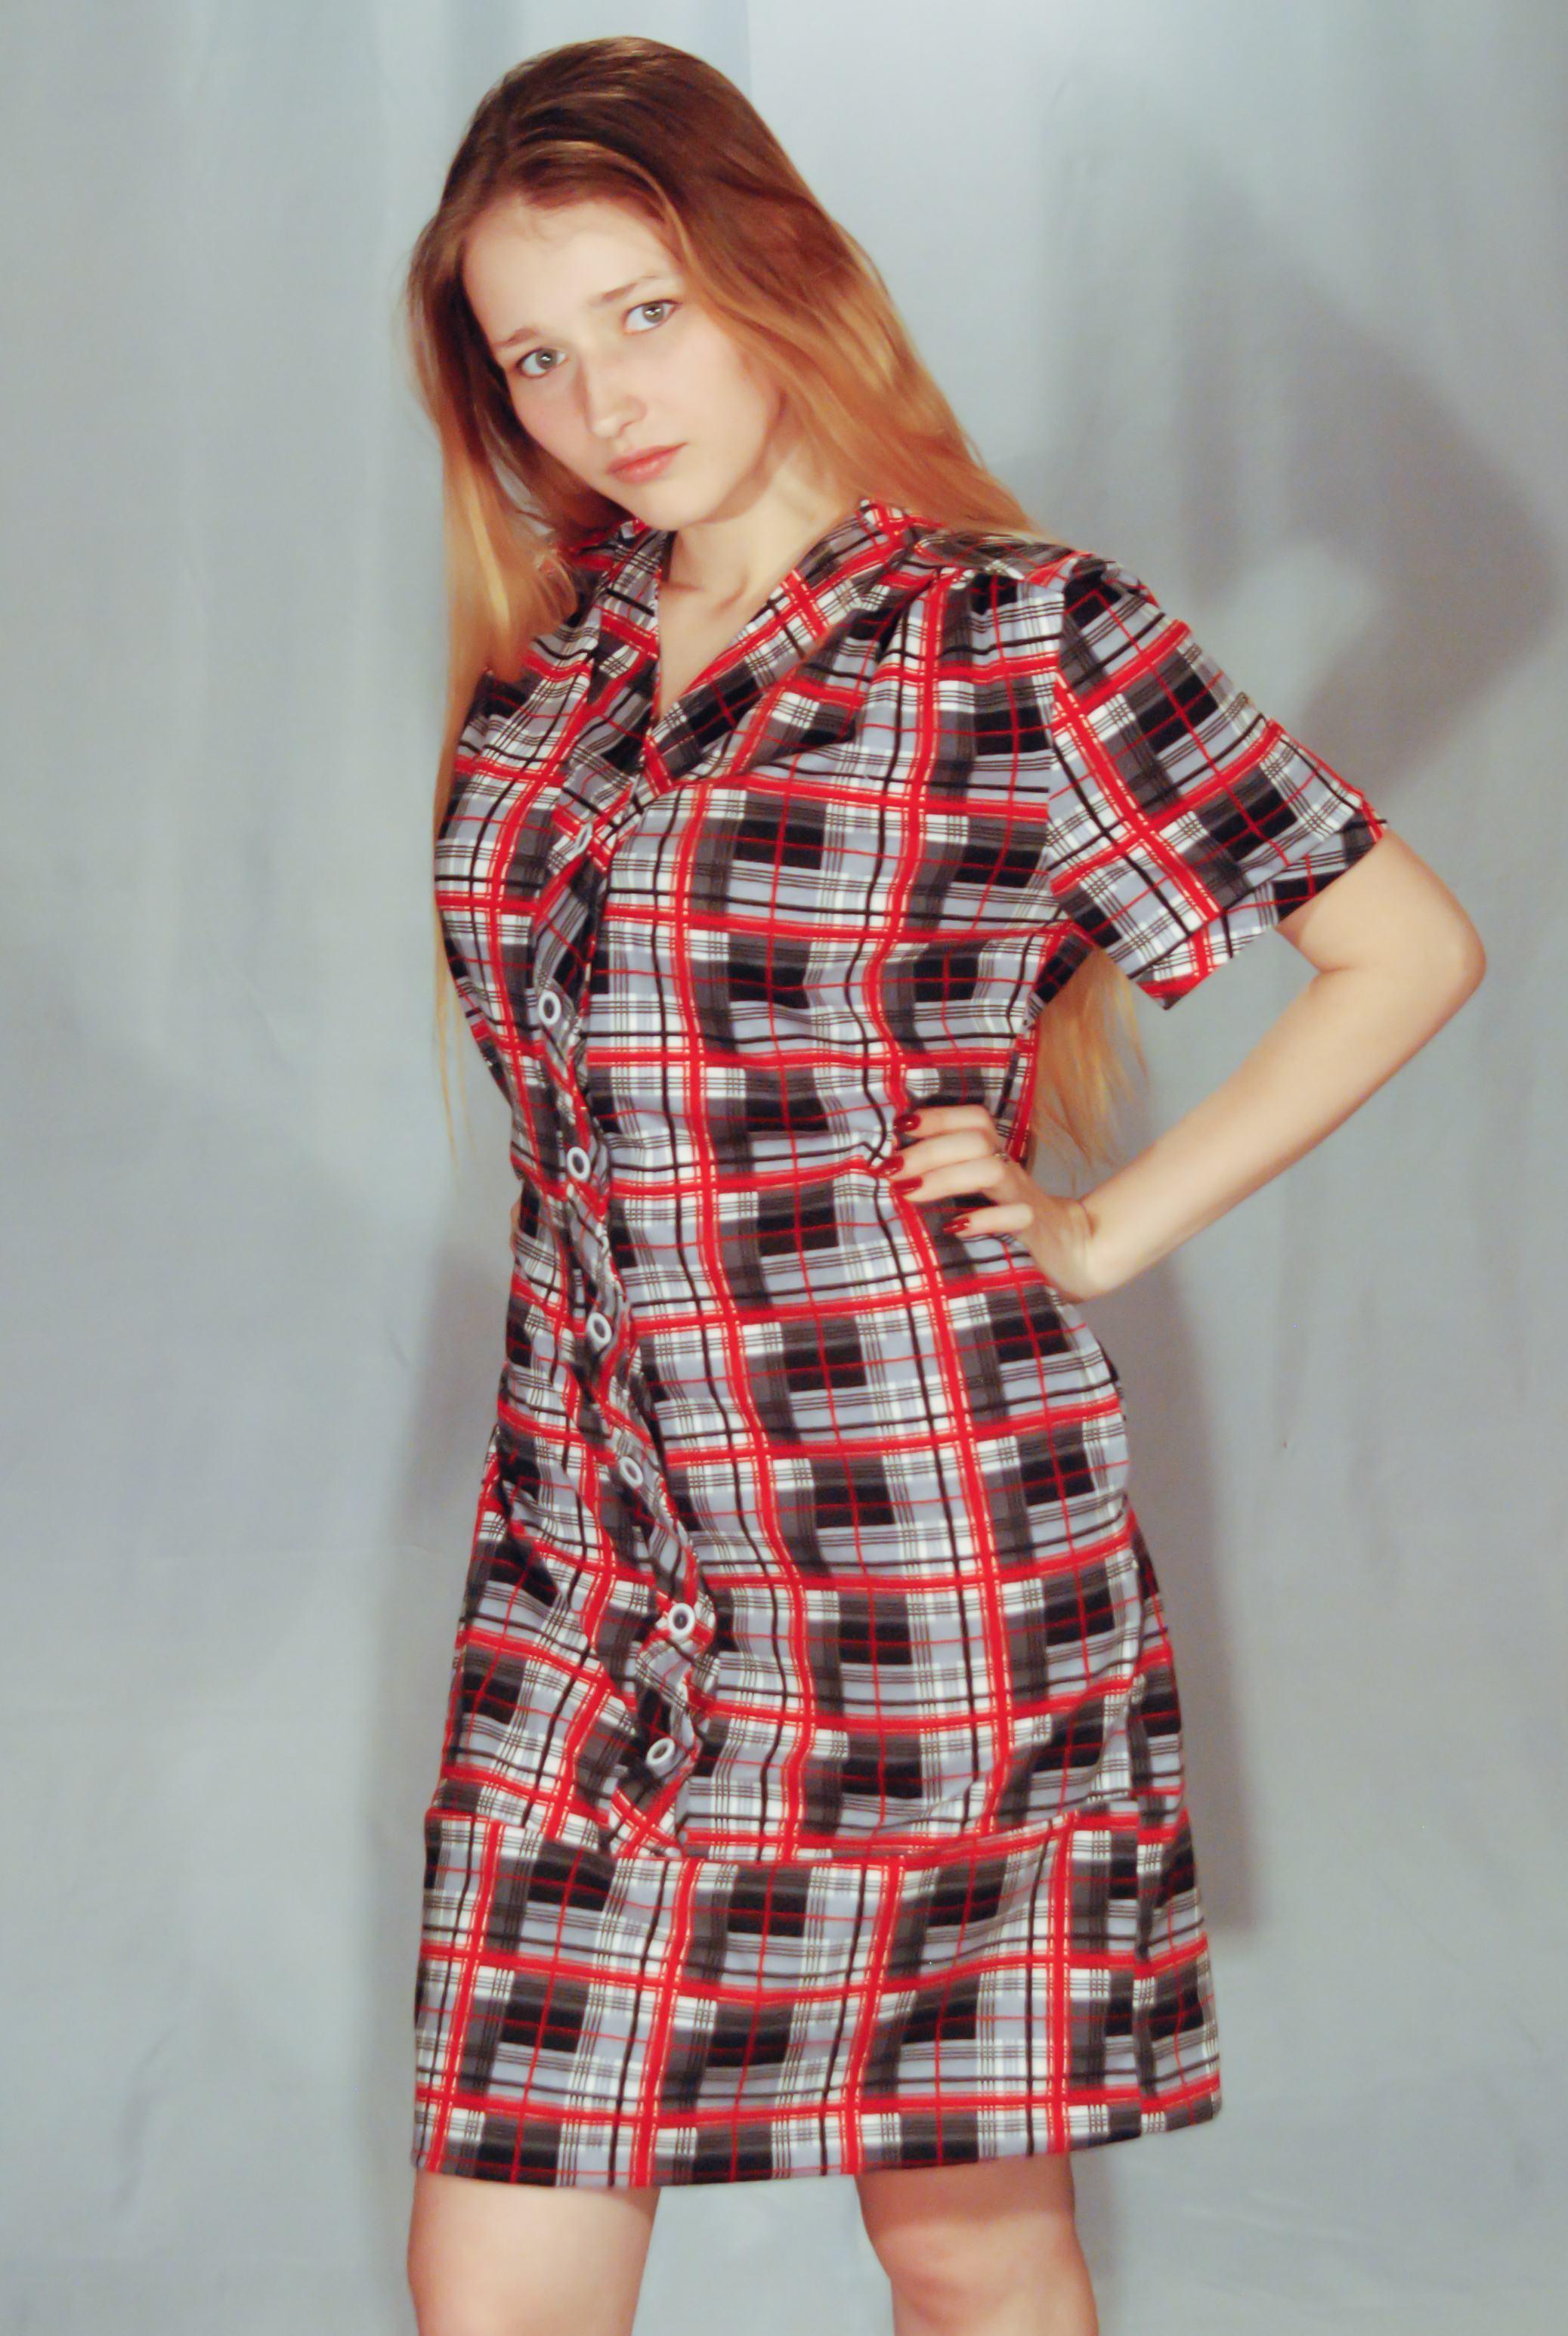 Платье | купить ивановский текстиль оптом